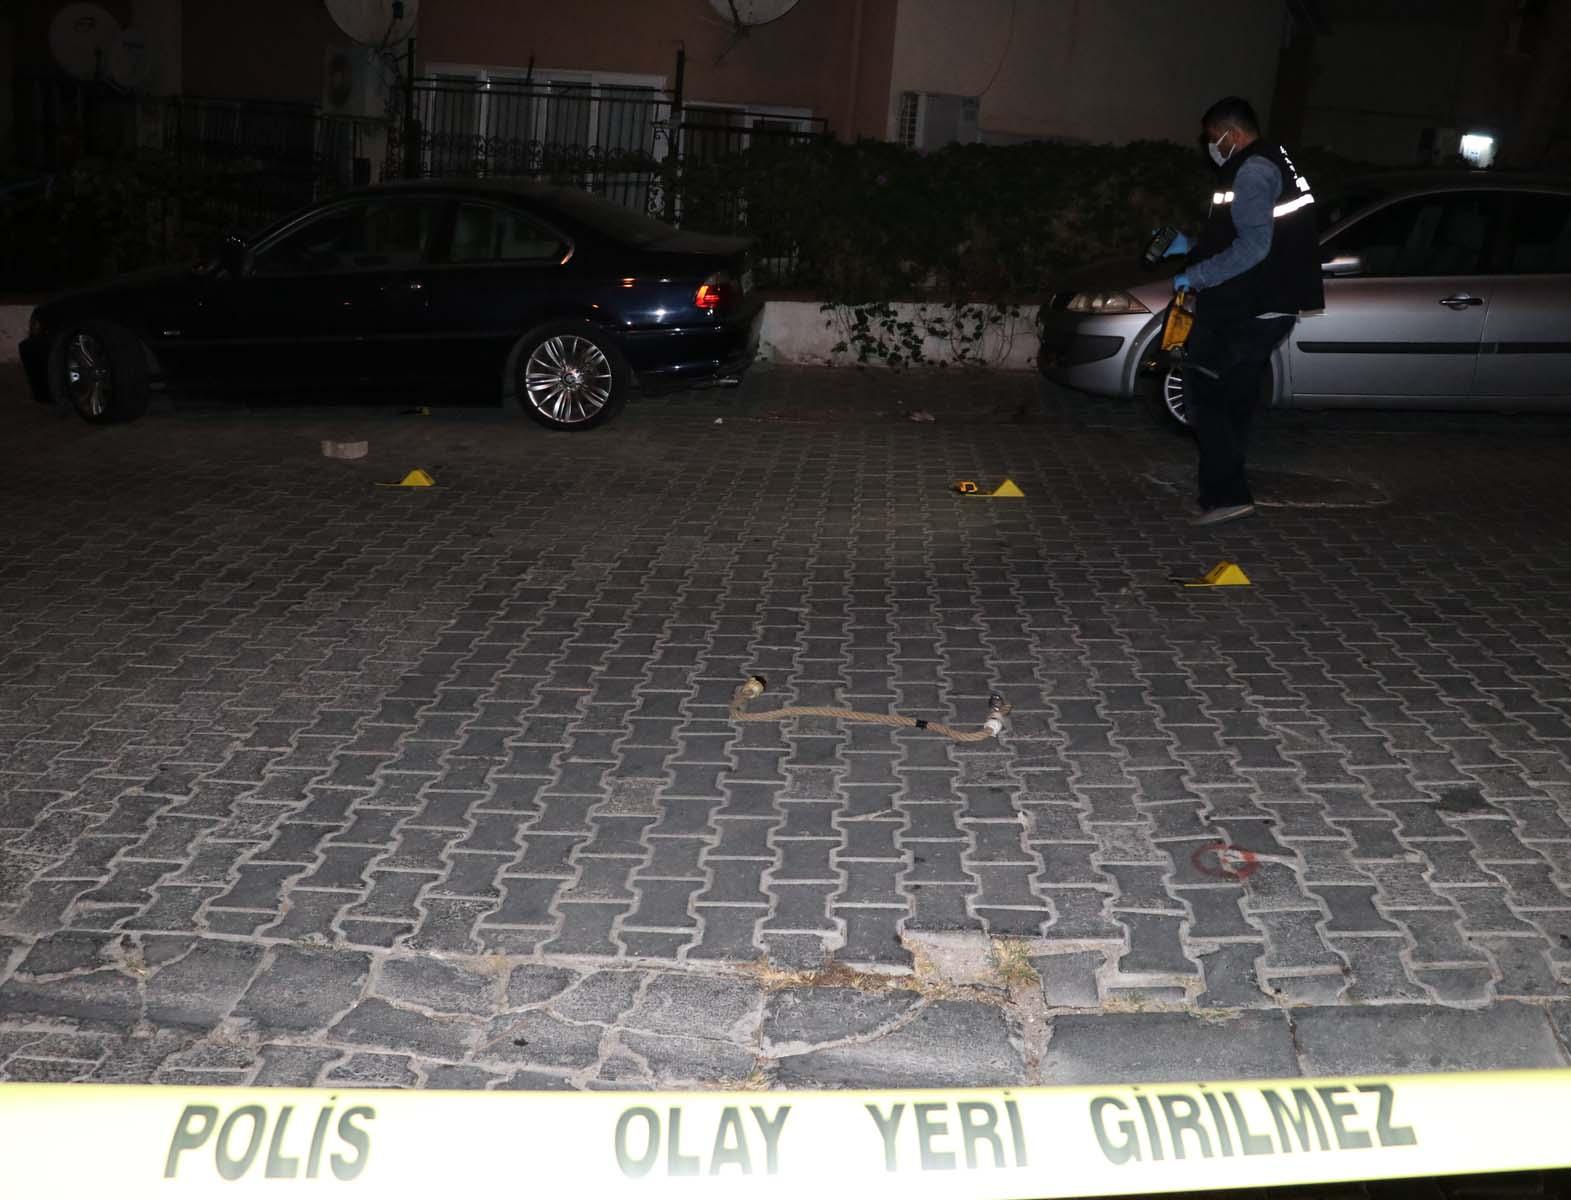 İzmir'de Karabağlar'da korkunç olay! Serdar Maya silahlı saldırıda hayatını kaybetti